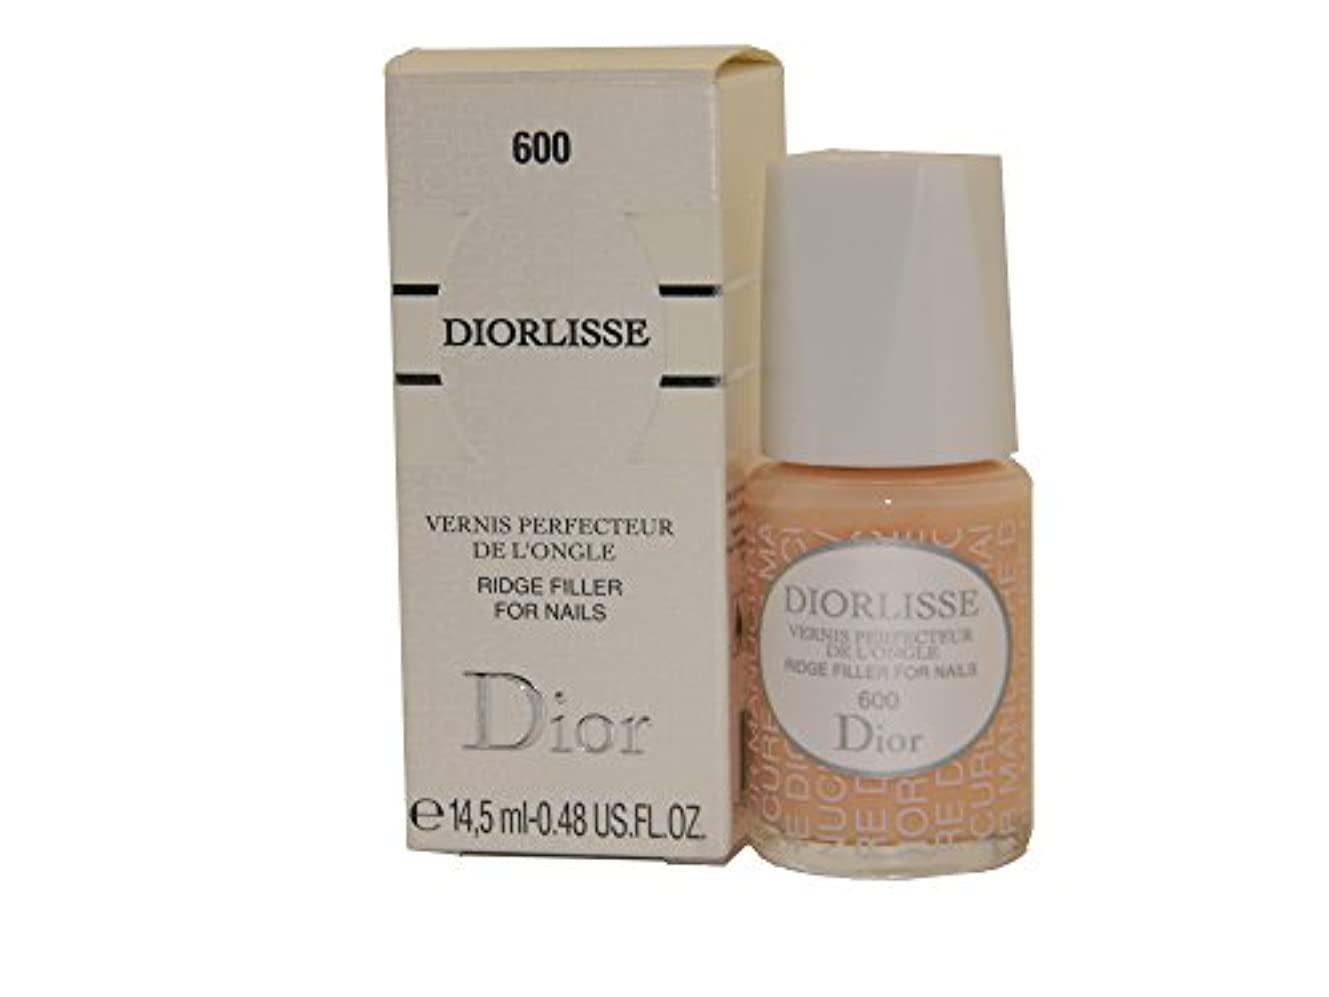 リラックスがっかりした電池Dior Diorlisse Ridge Filler For Nail 600(ディオールリス リッジフィラー フォーネイル 600)[海外直送品] [並行輸入品]